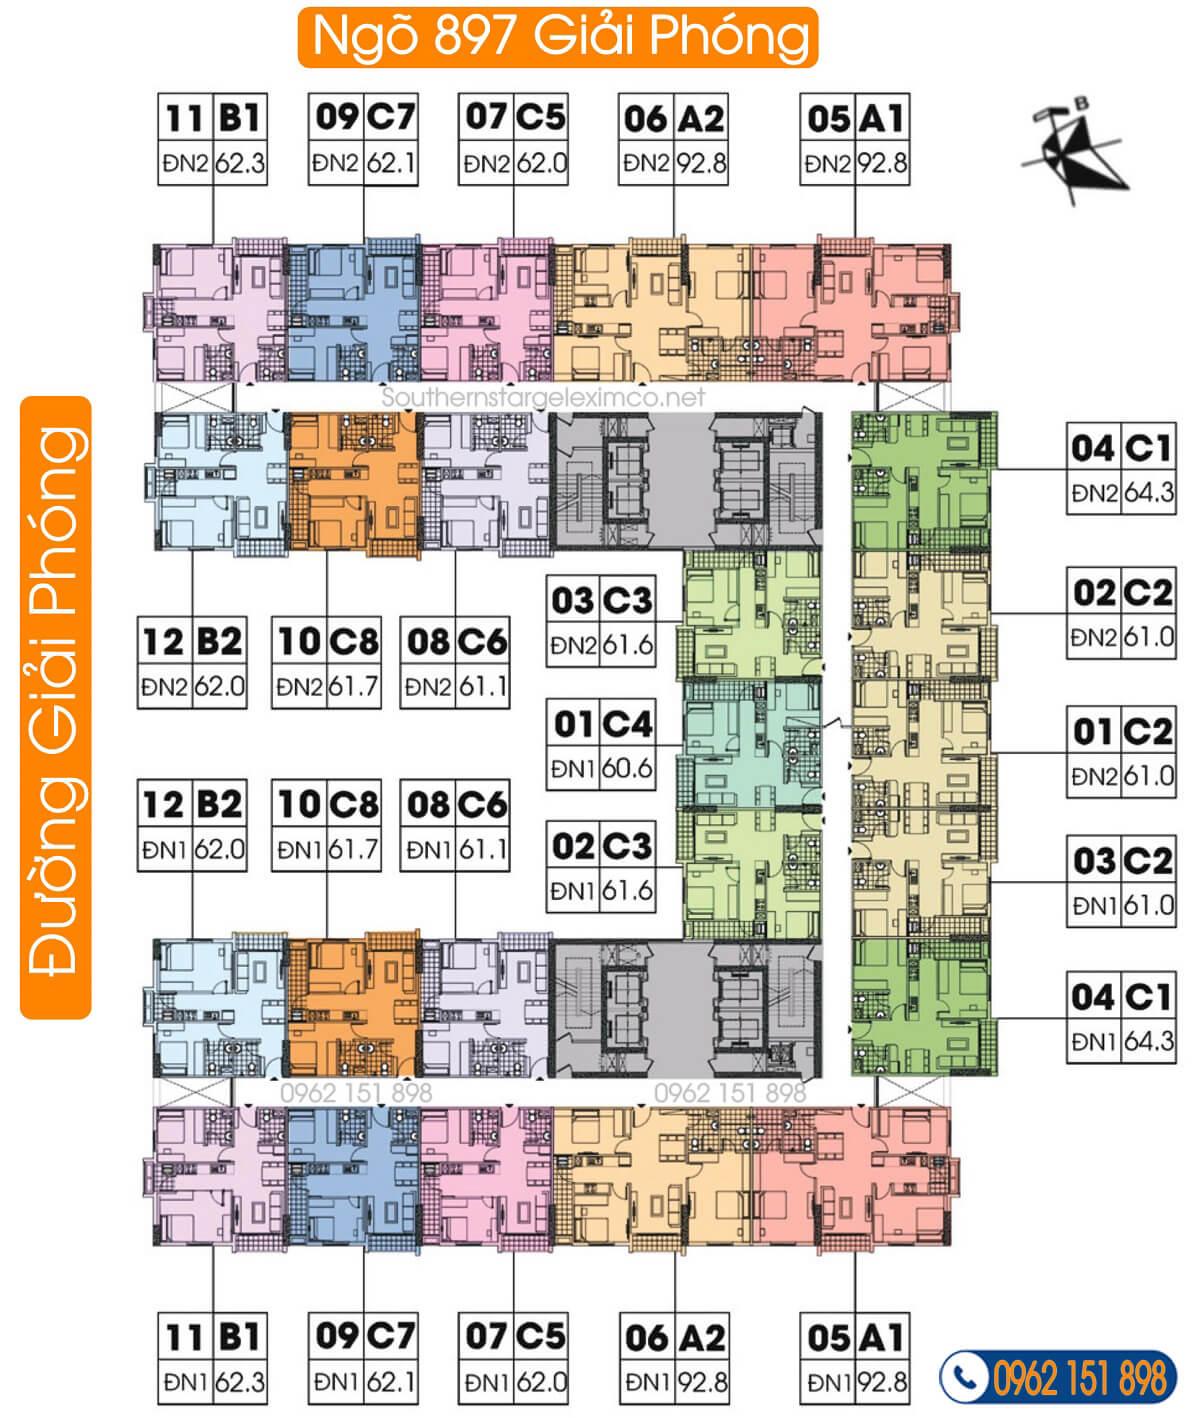 mặt-bằng-tầng-9-17-chung-cư-geleximco-southern-star-giải-phóng